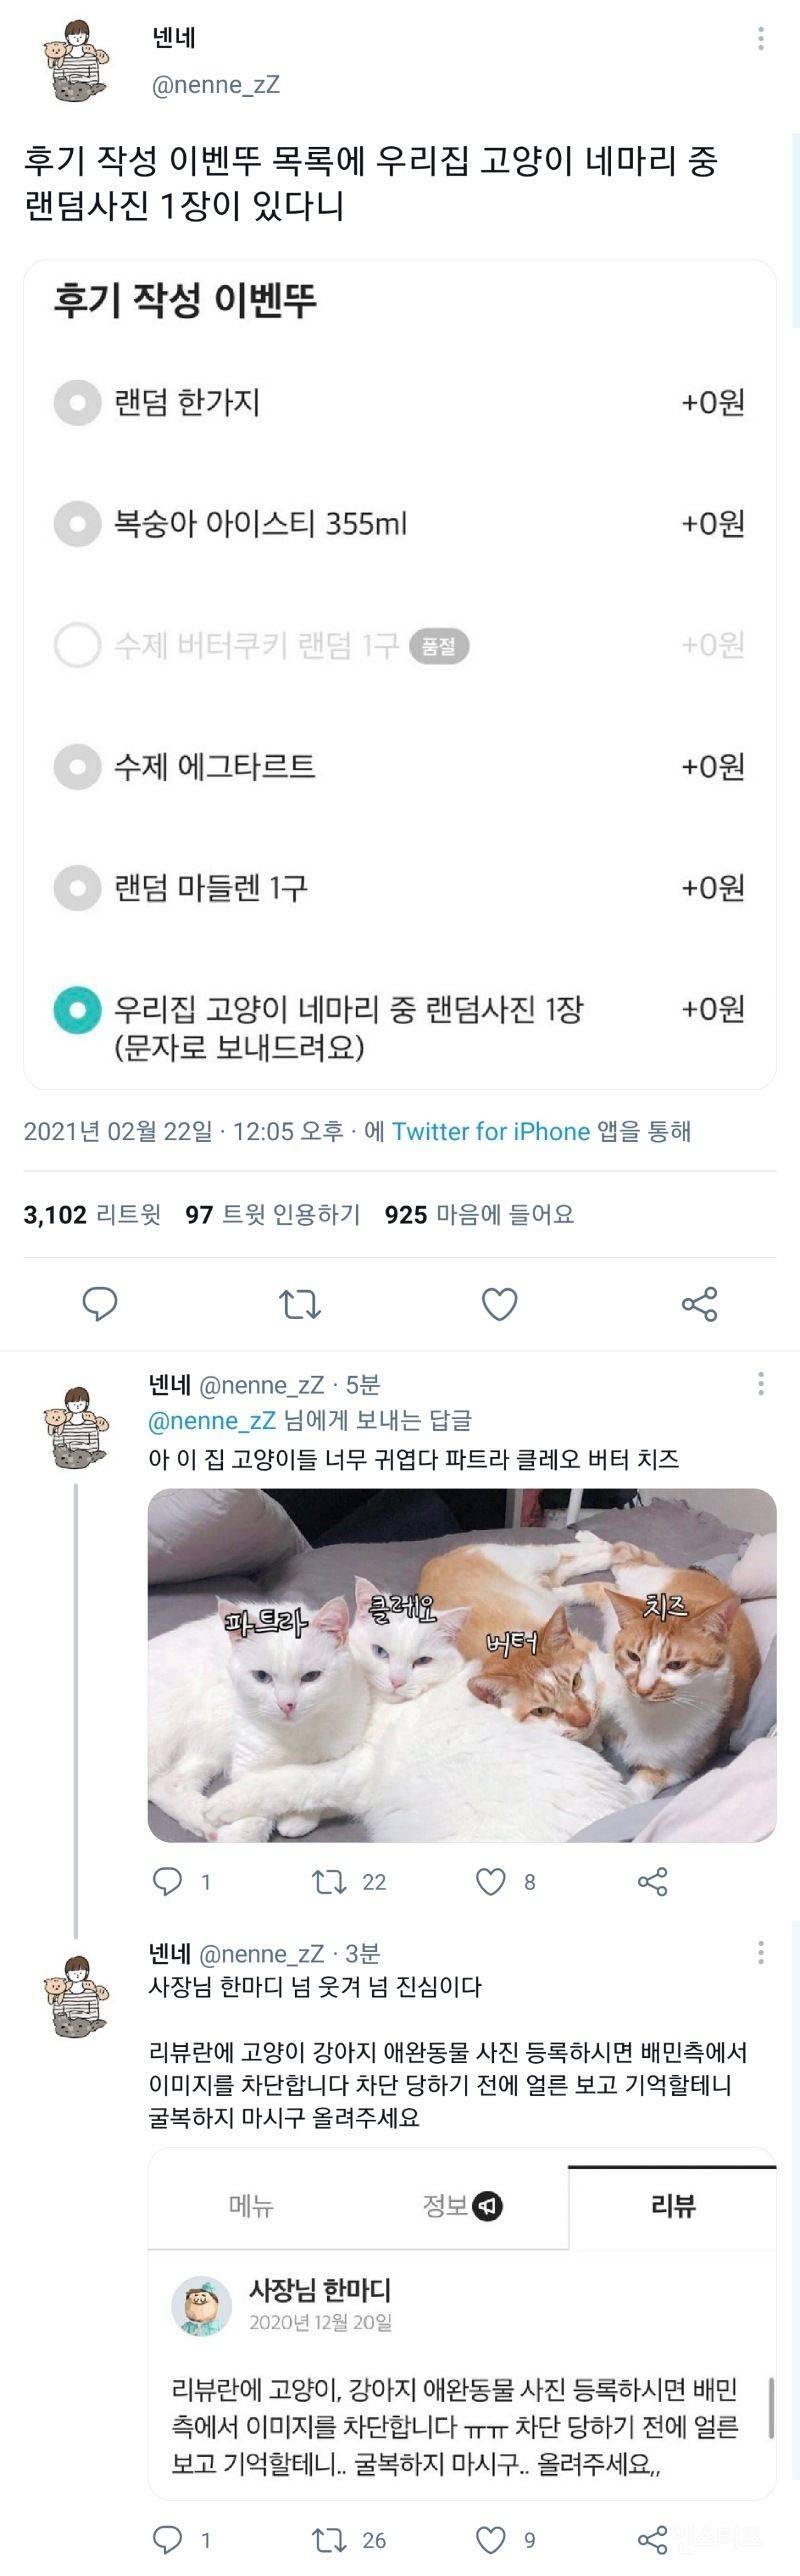 배민 후기작성 이벤트 품목 근황.jpg   인스티즈